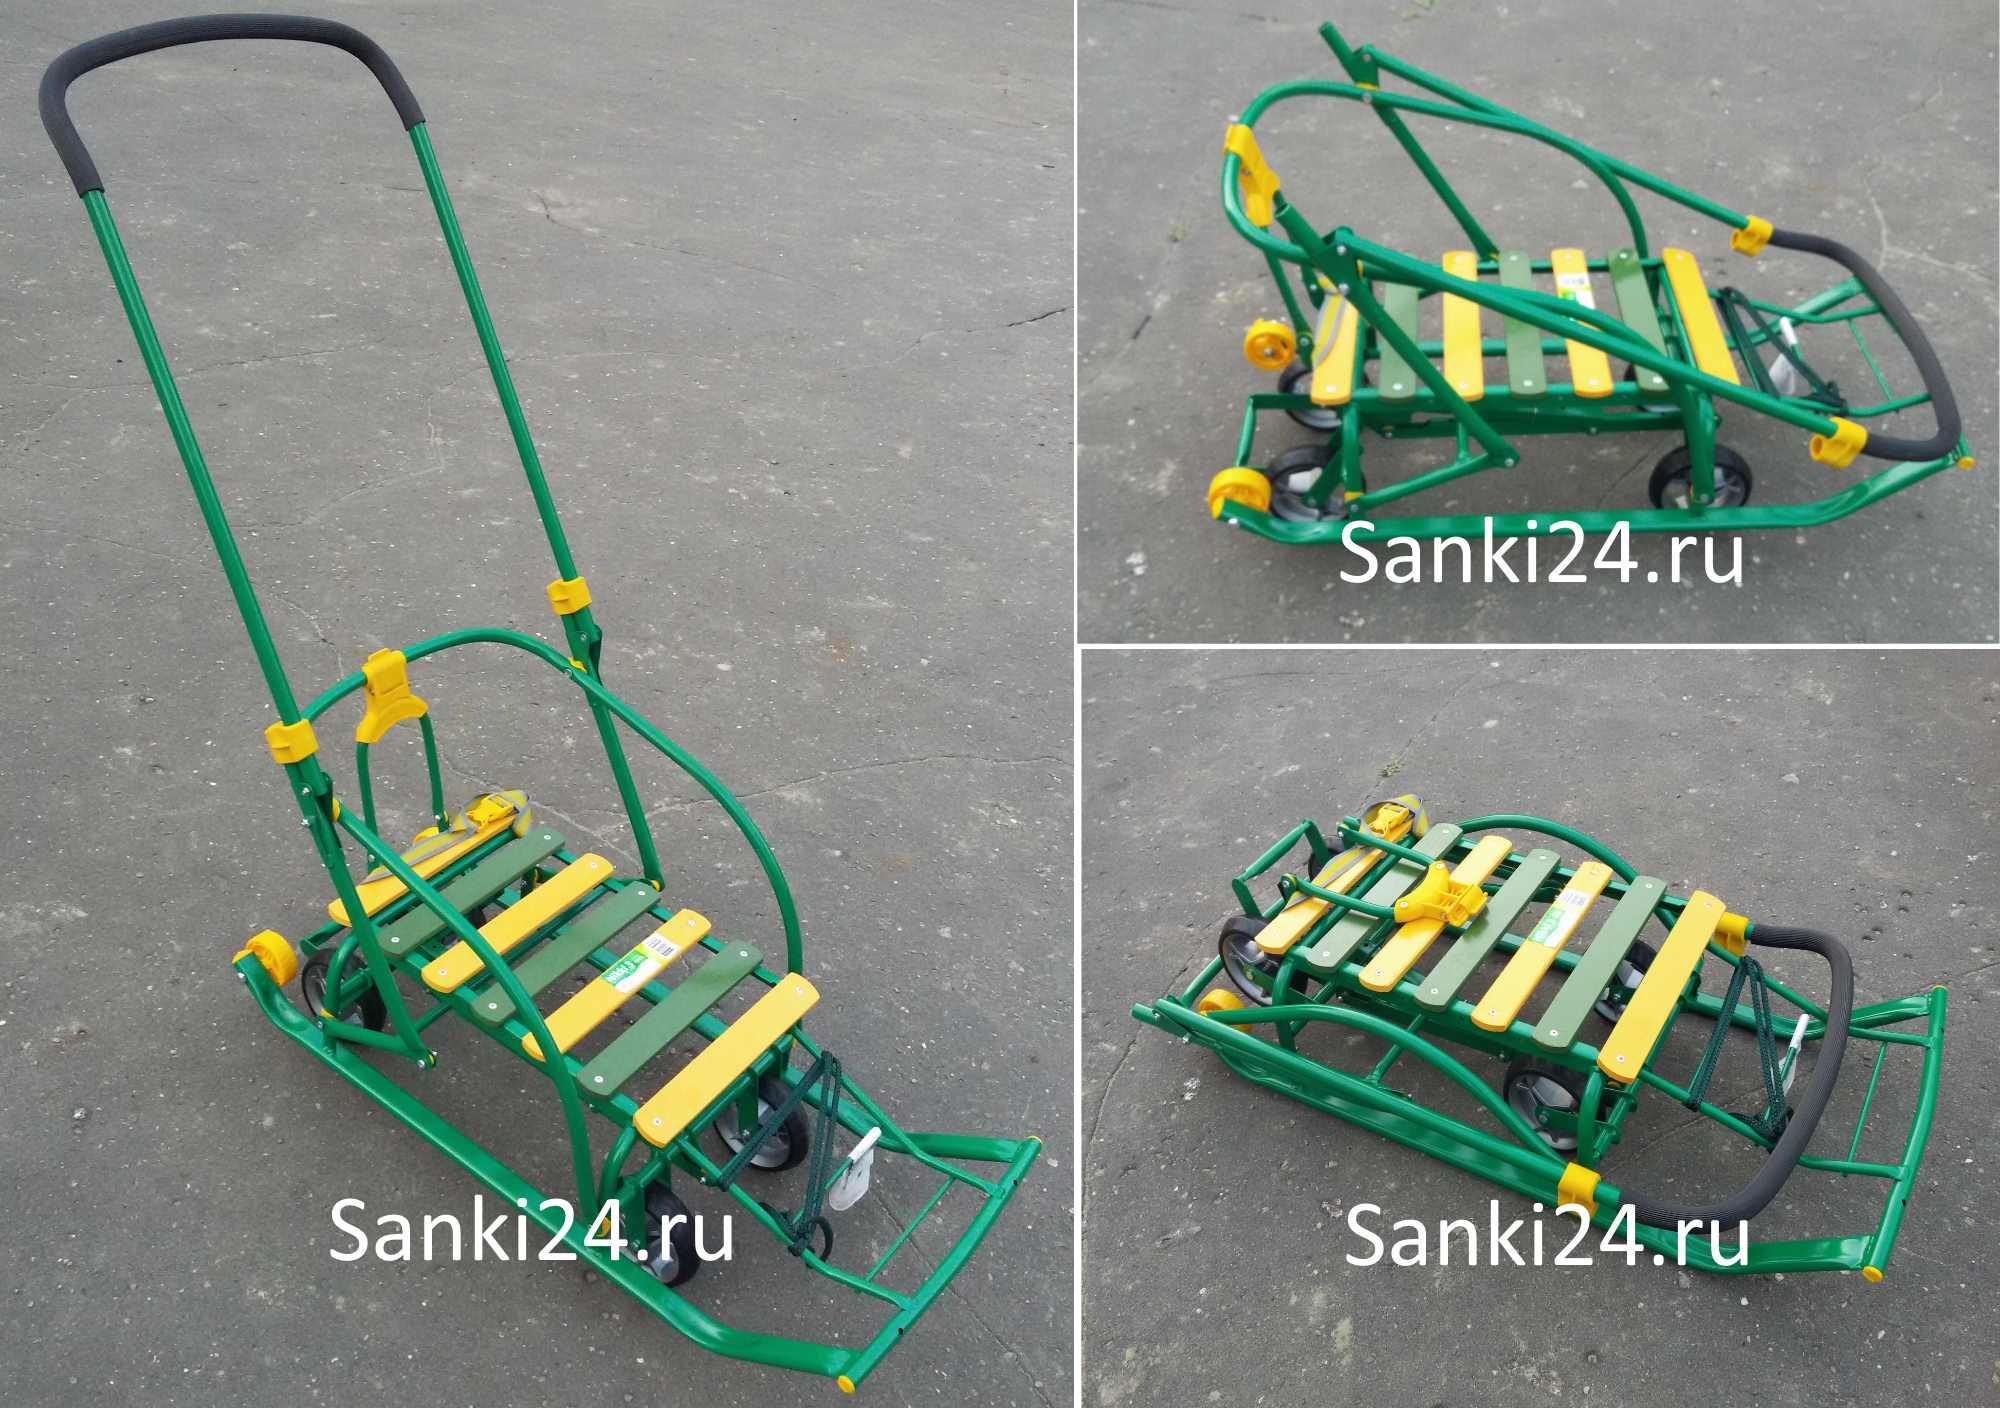 Санки Nikki 3